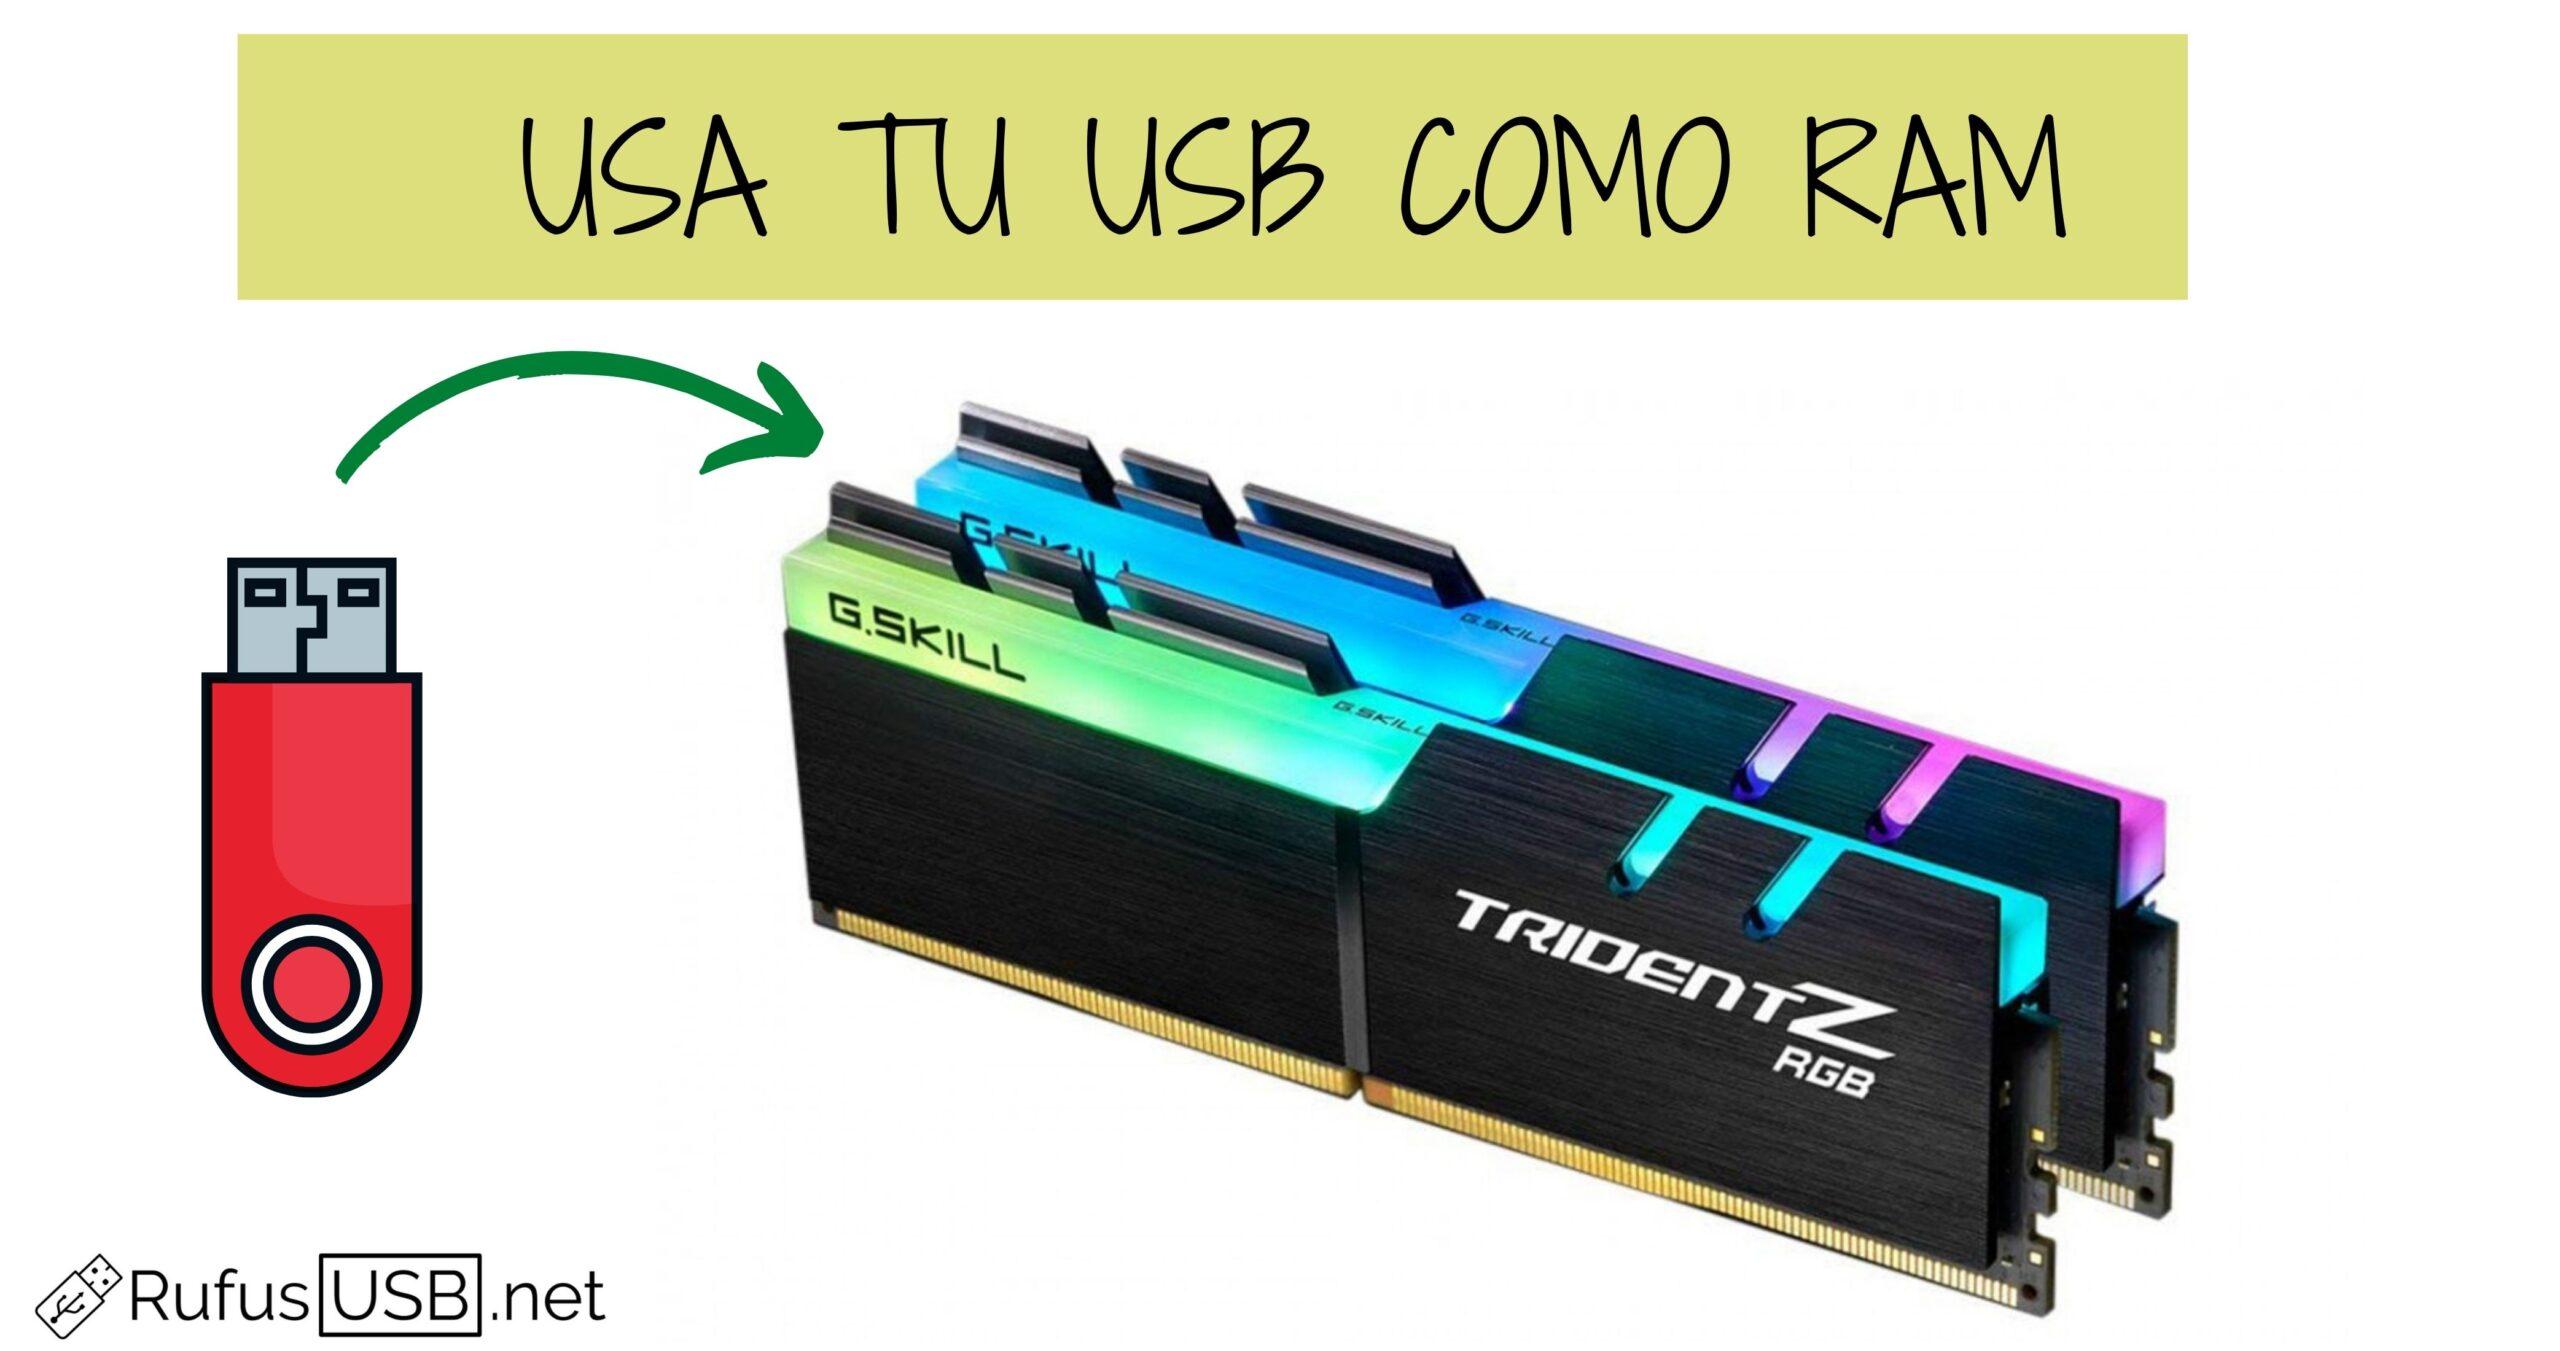 Cómo utilizar un USB como RAM